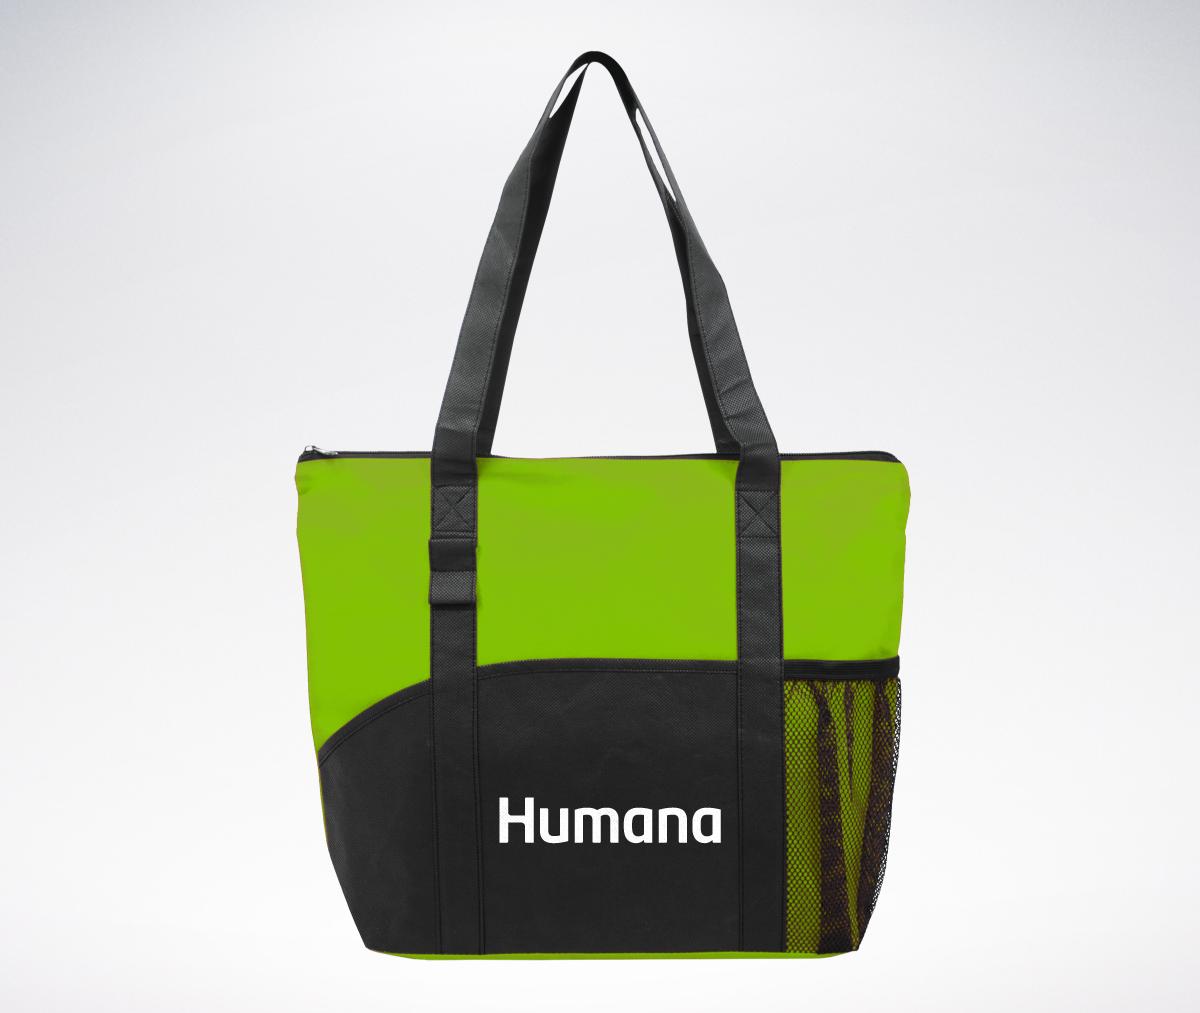 Humana Tote Bag